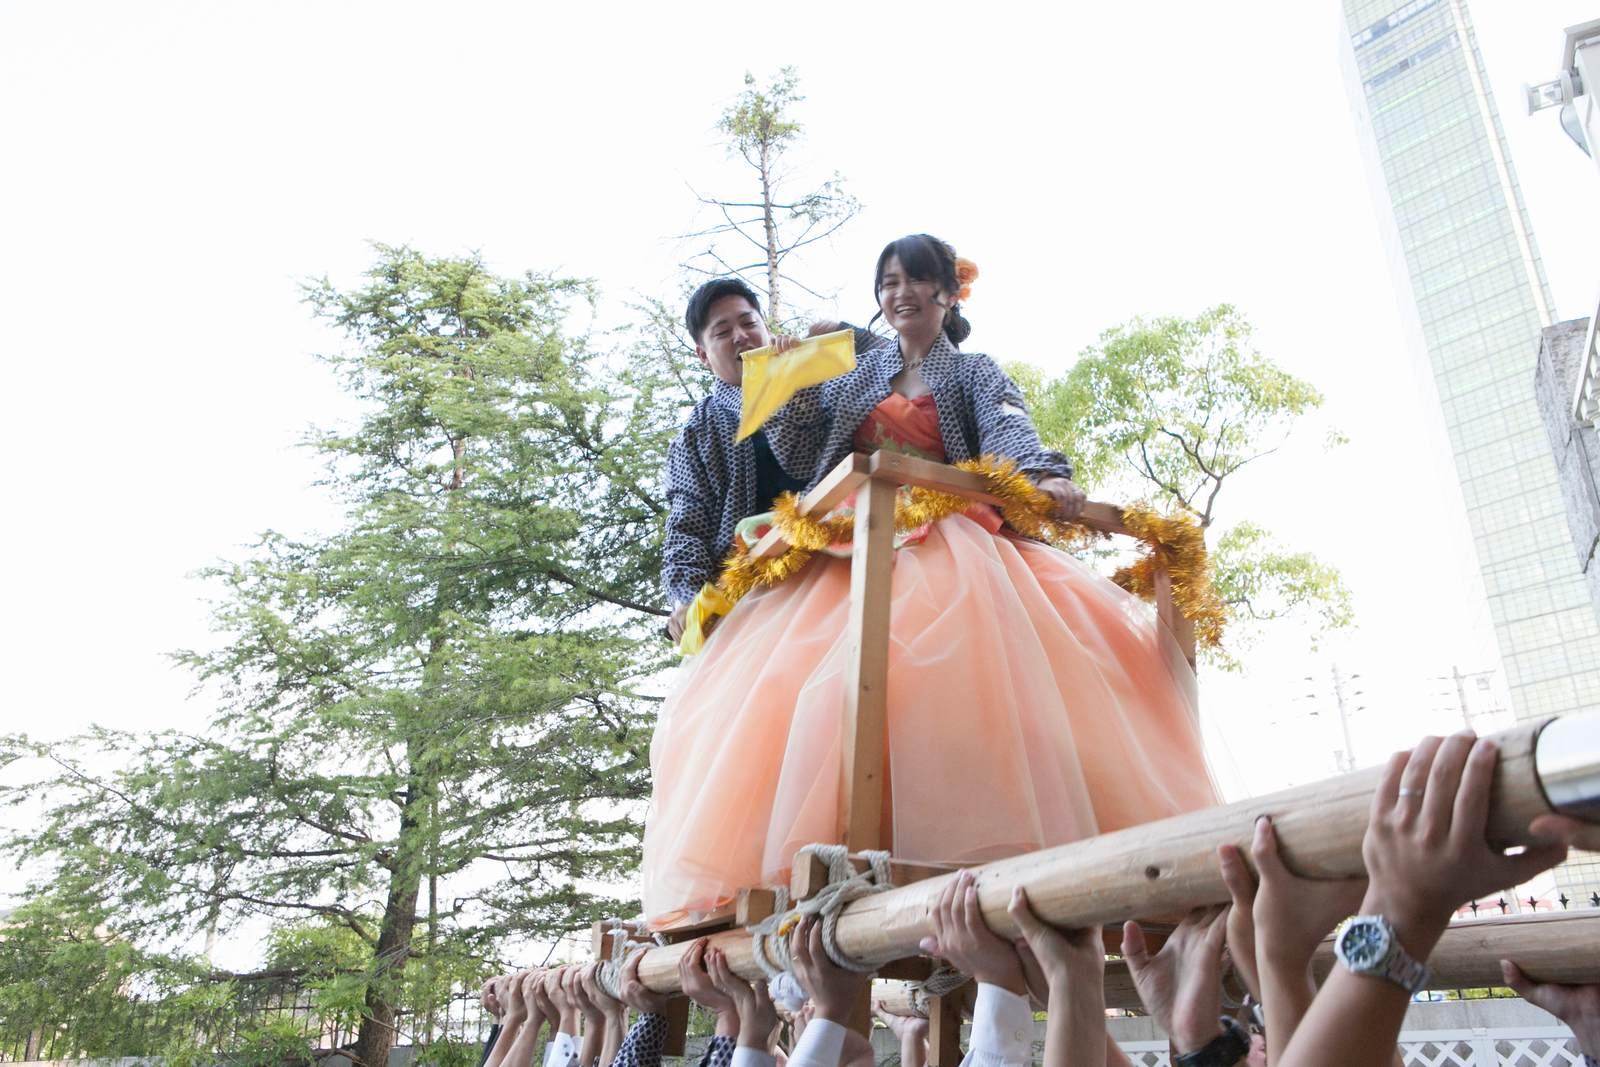 香川県の結婚式場シェルエメール&アイスタイルのみこし